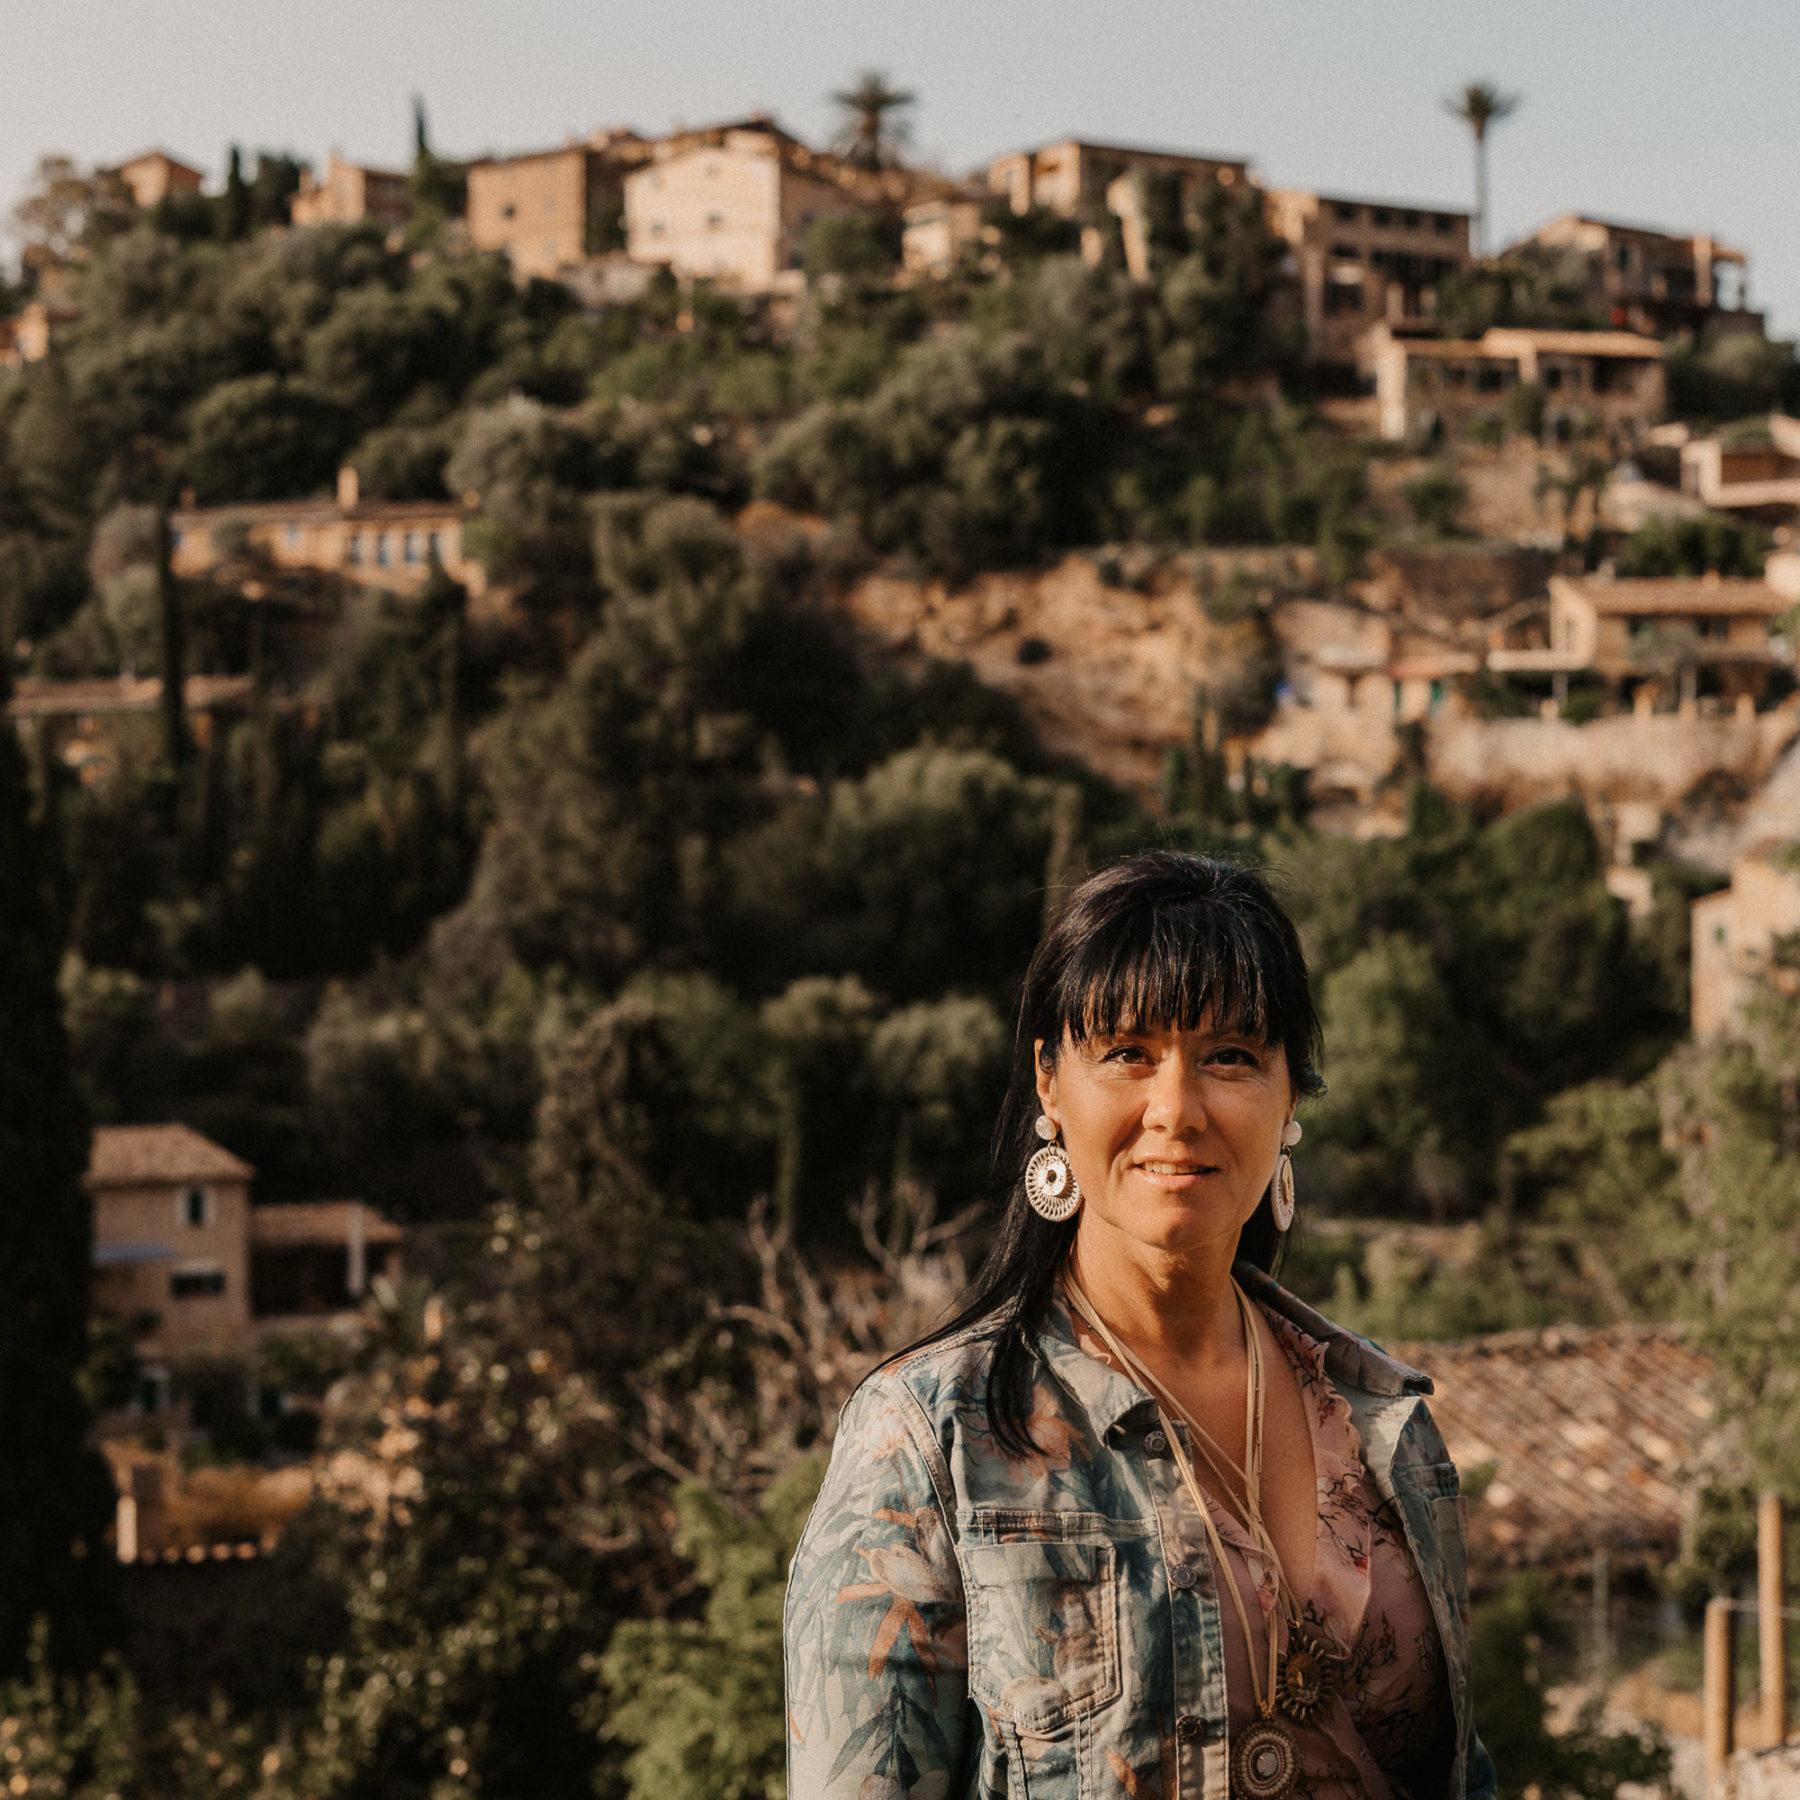 Profilfoto der Fotografin und Kursleiterin Diana Hirsch